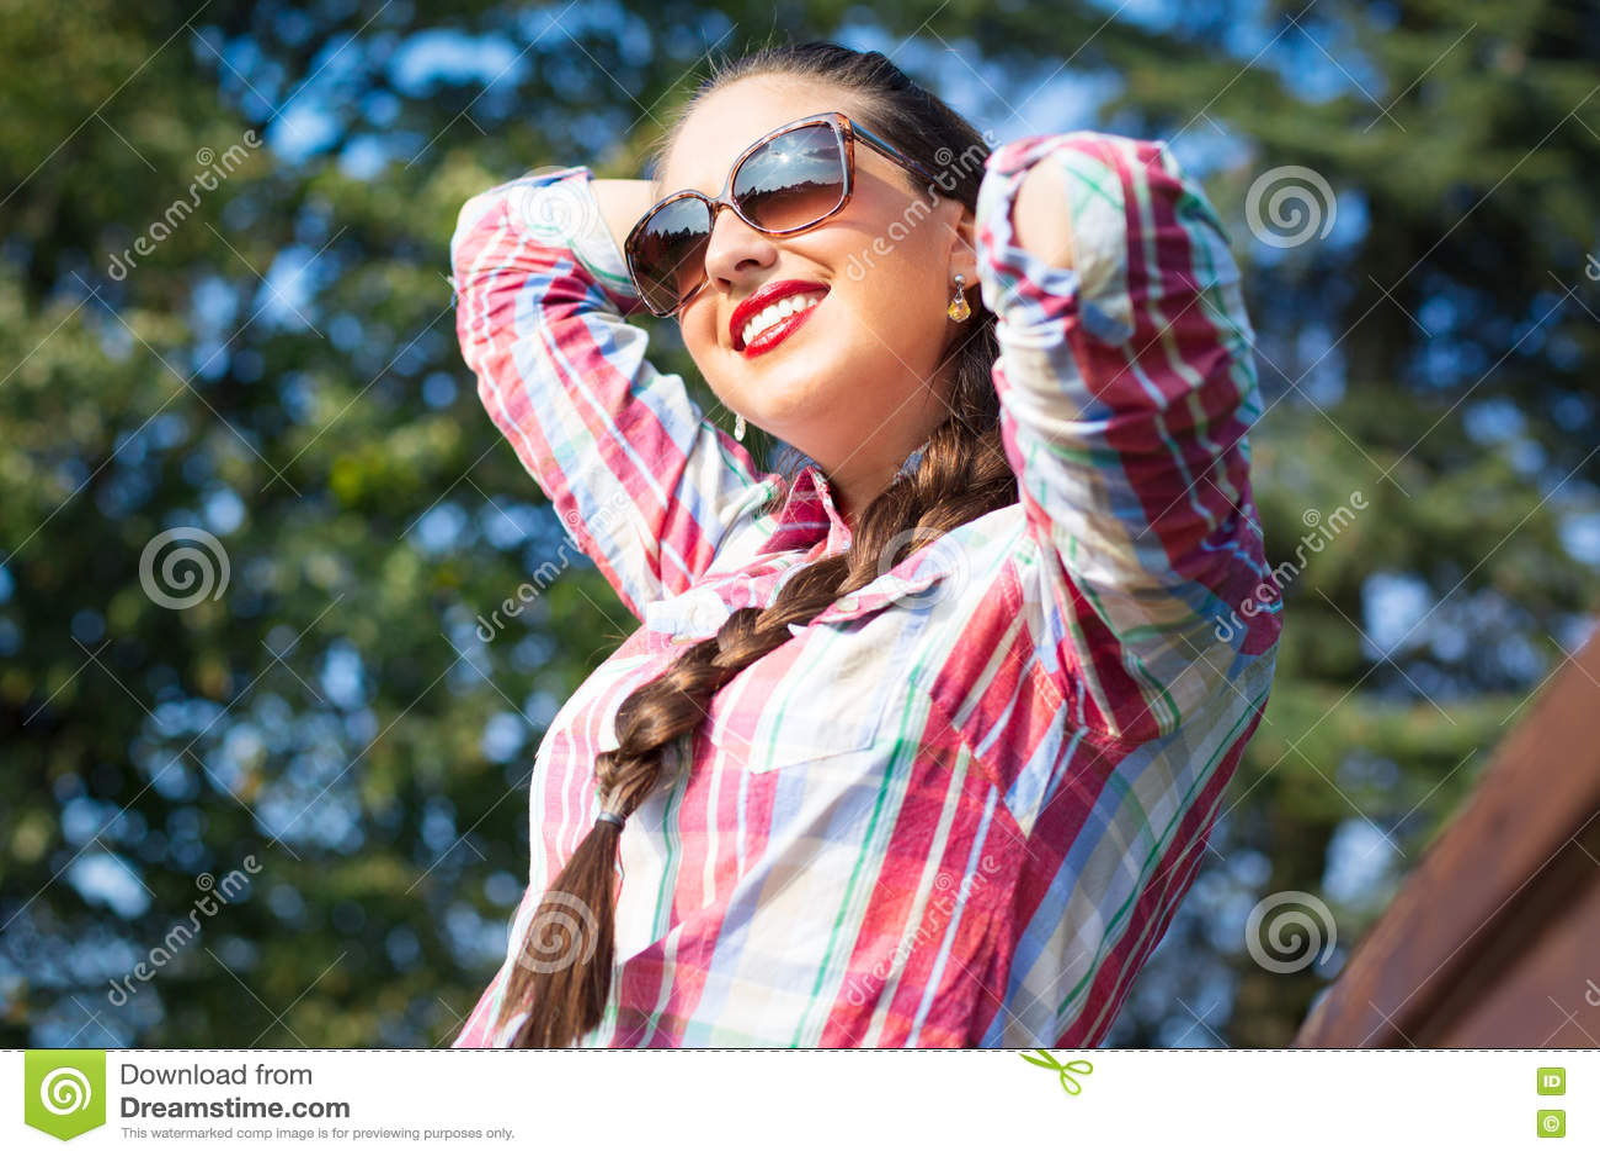 Utomhus- porttrait av den unga härliga eleganta flickan